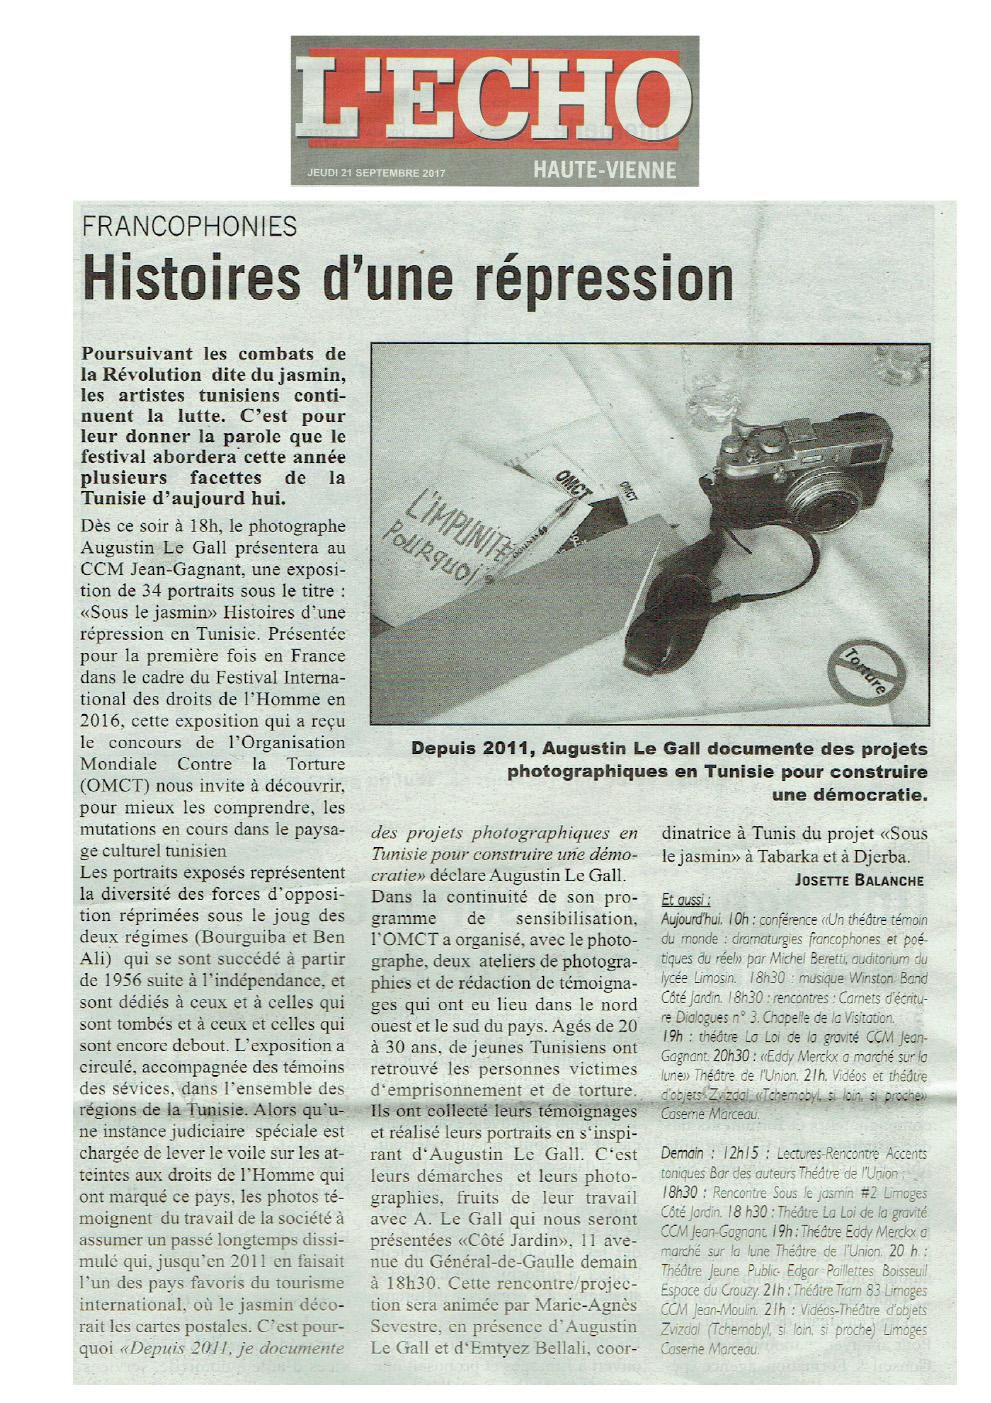 L'exposition Sous le Jasmin, histoires d'une répression en Tunisie, dans Les Echos (Limousin). Limoges.